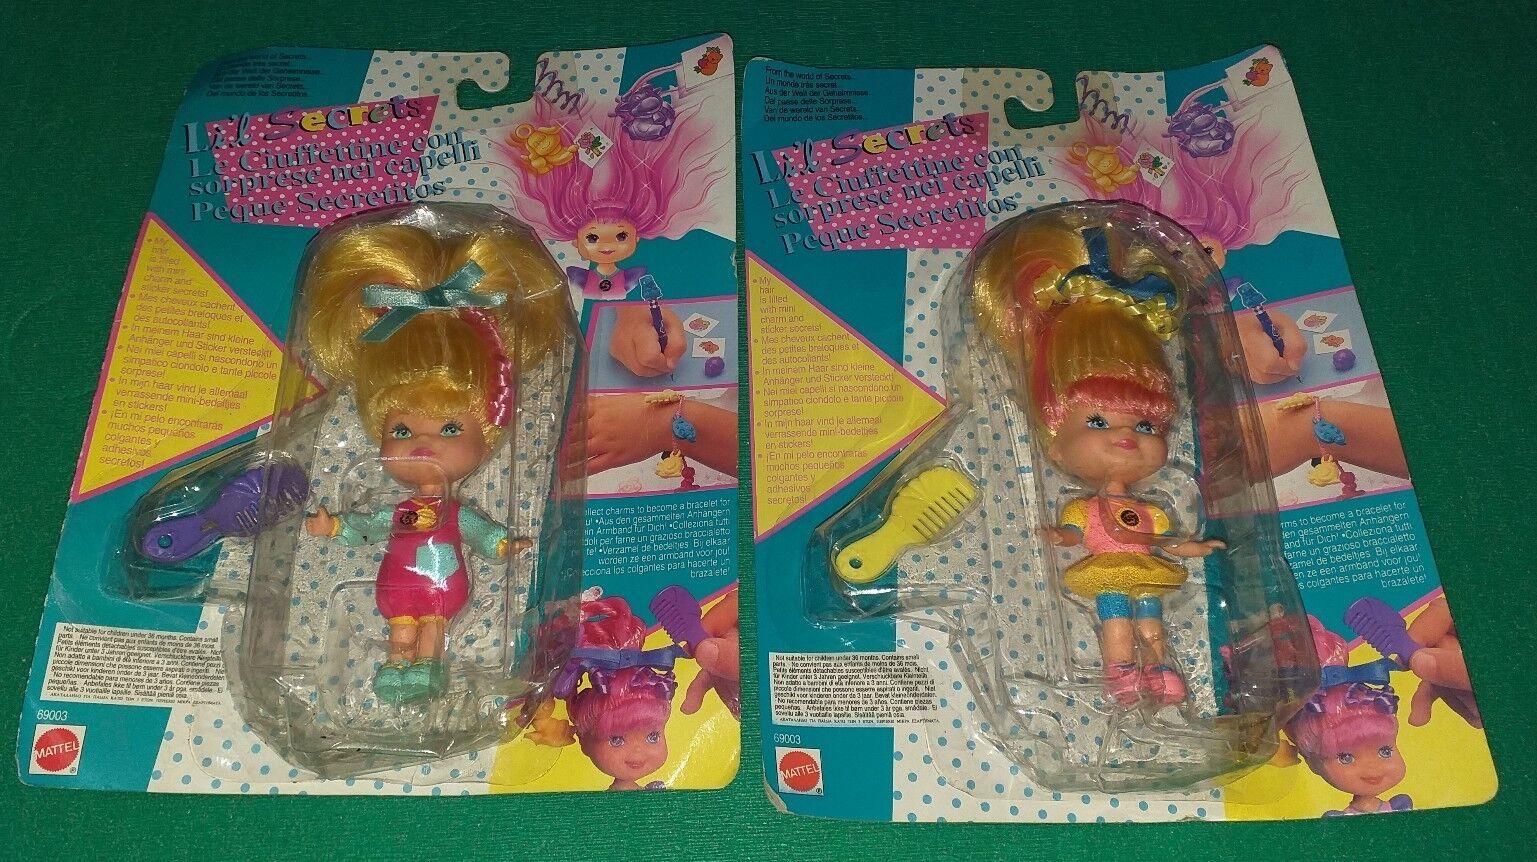 ventas en linea 2 Lil Lil Lil secrets Le Ciuffettine Mattel Vintage 1993  venta al por mayor barato